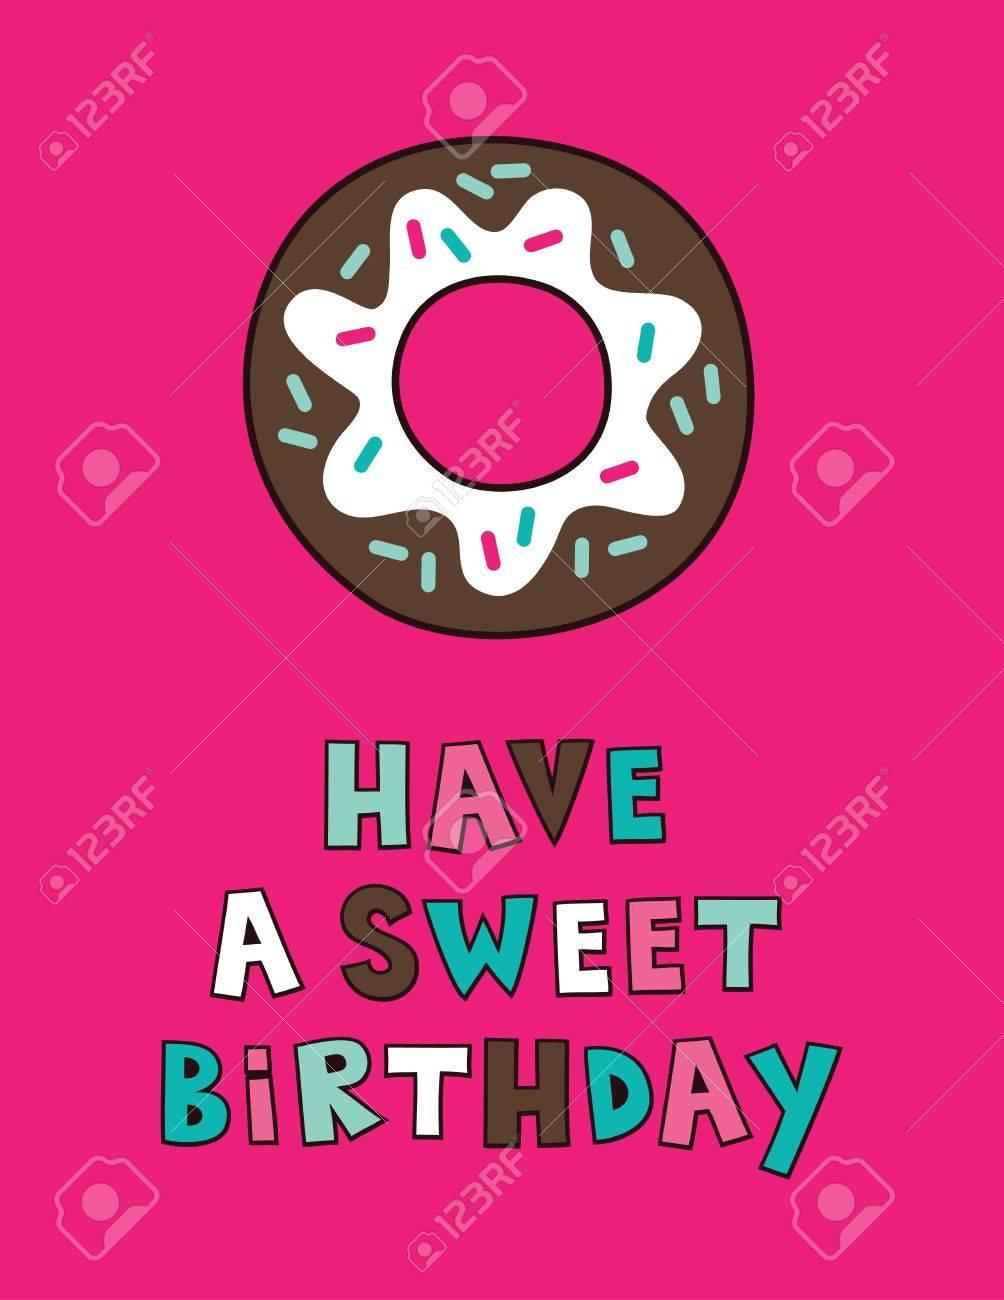 Cute Happy Birthday Card Design Vector Illustration Royalty Free – Cute Happy Birthday Cards